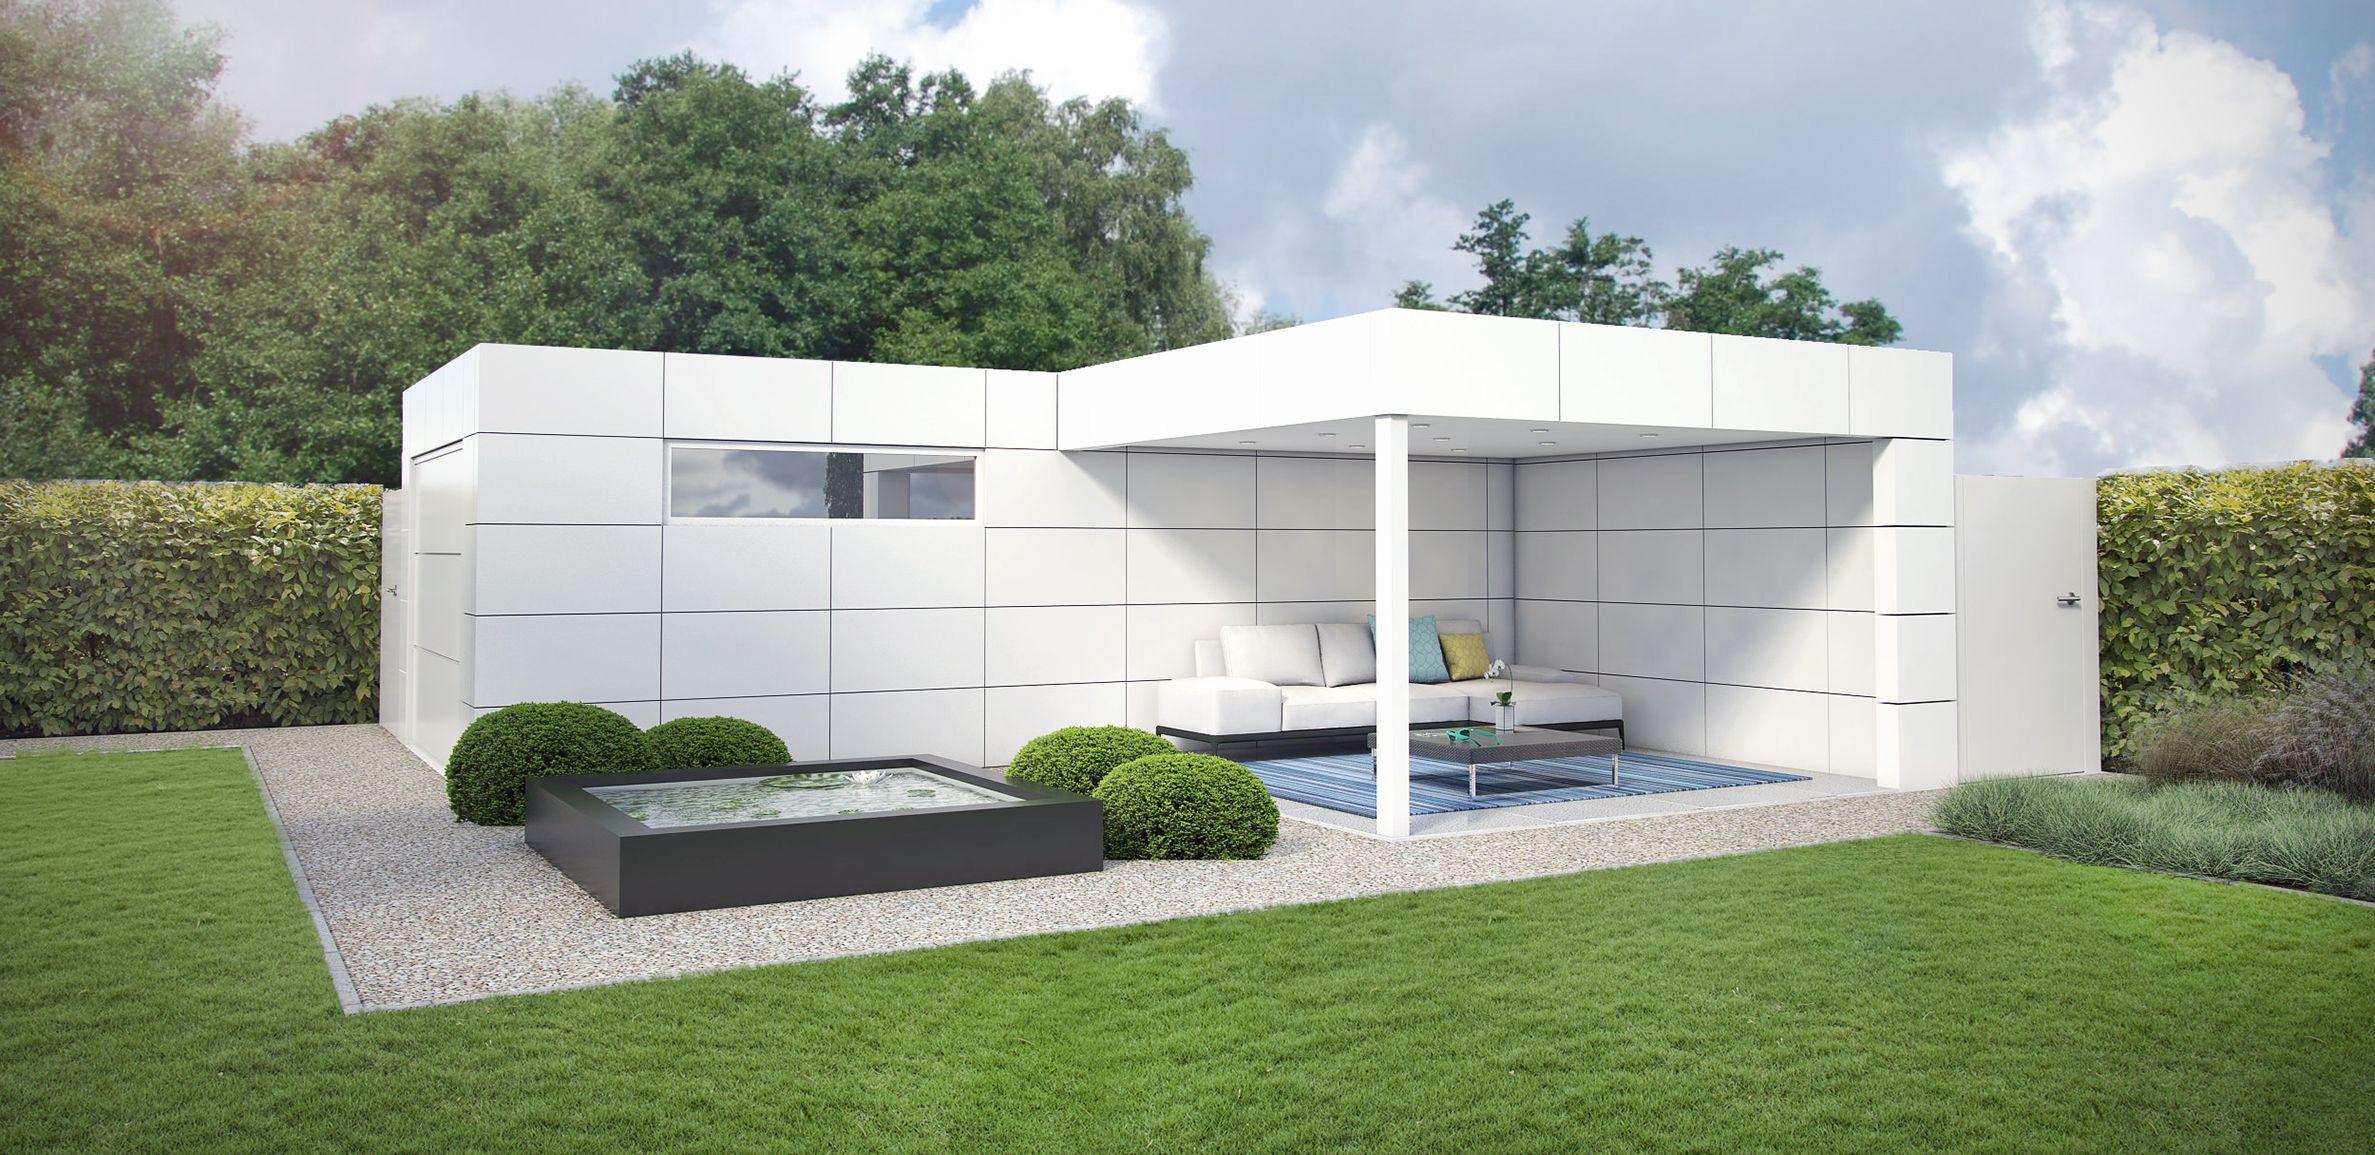 Tuinberging aluminium poolhouse tuinhuis modern moderne for Tuinaanleg modern